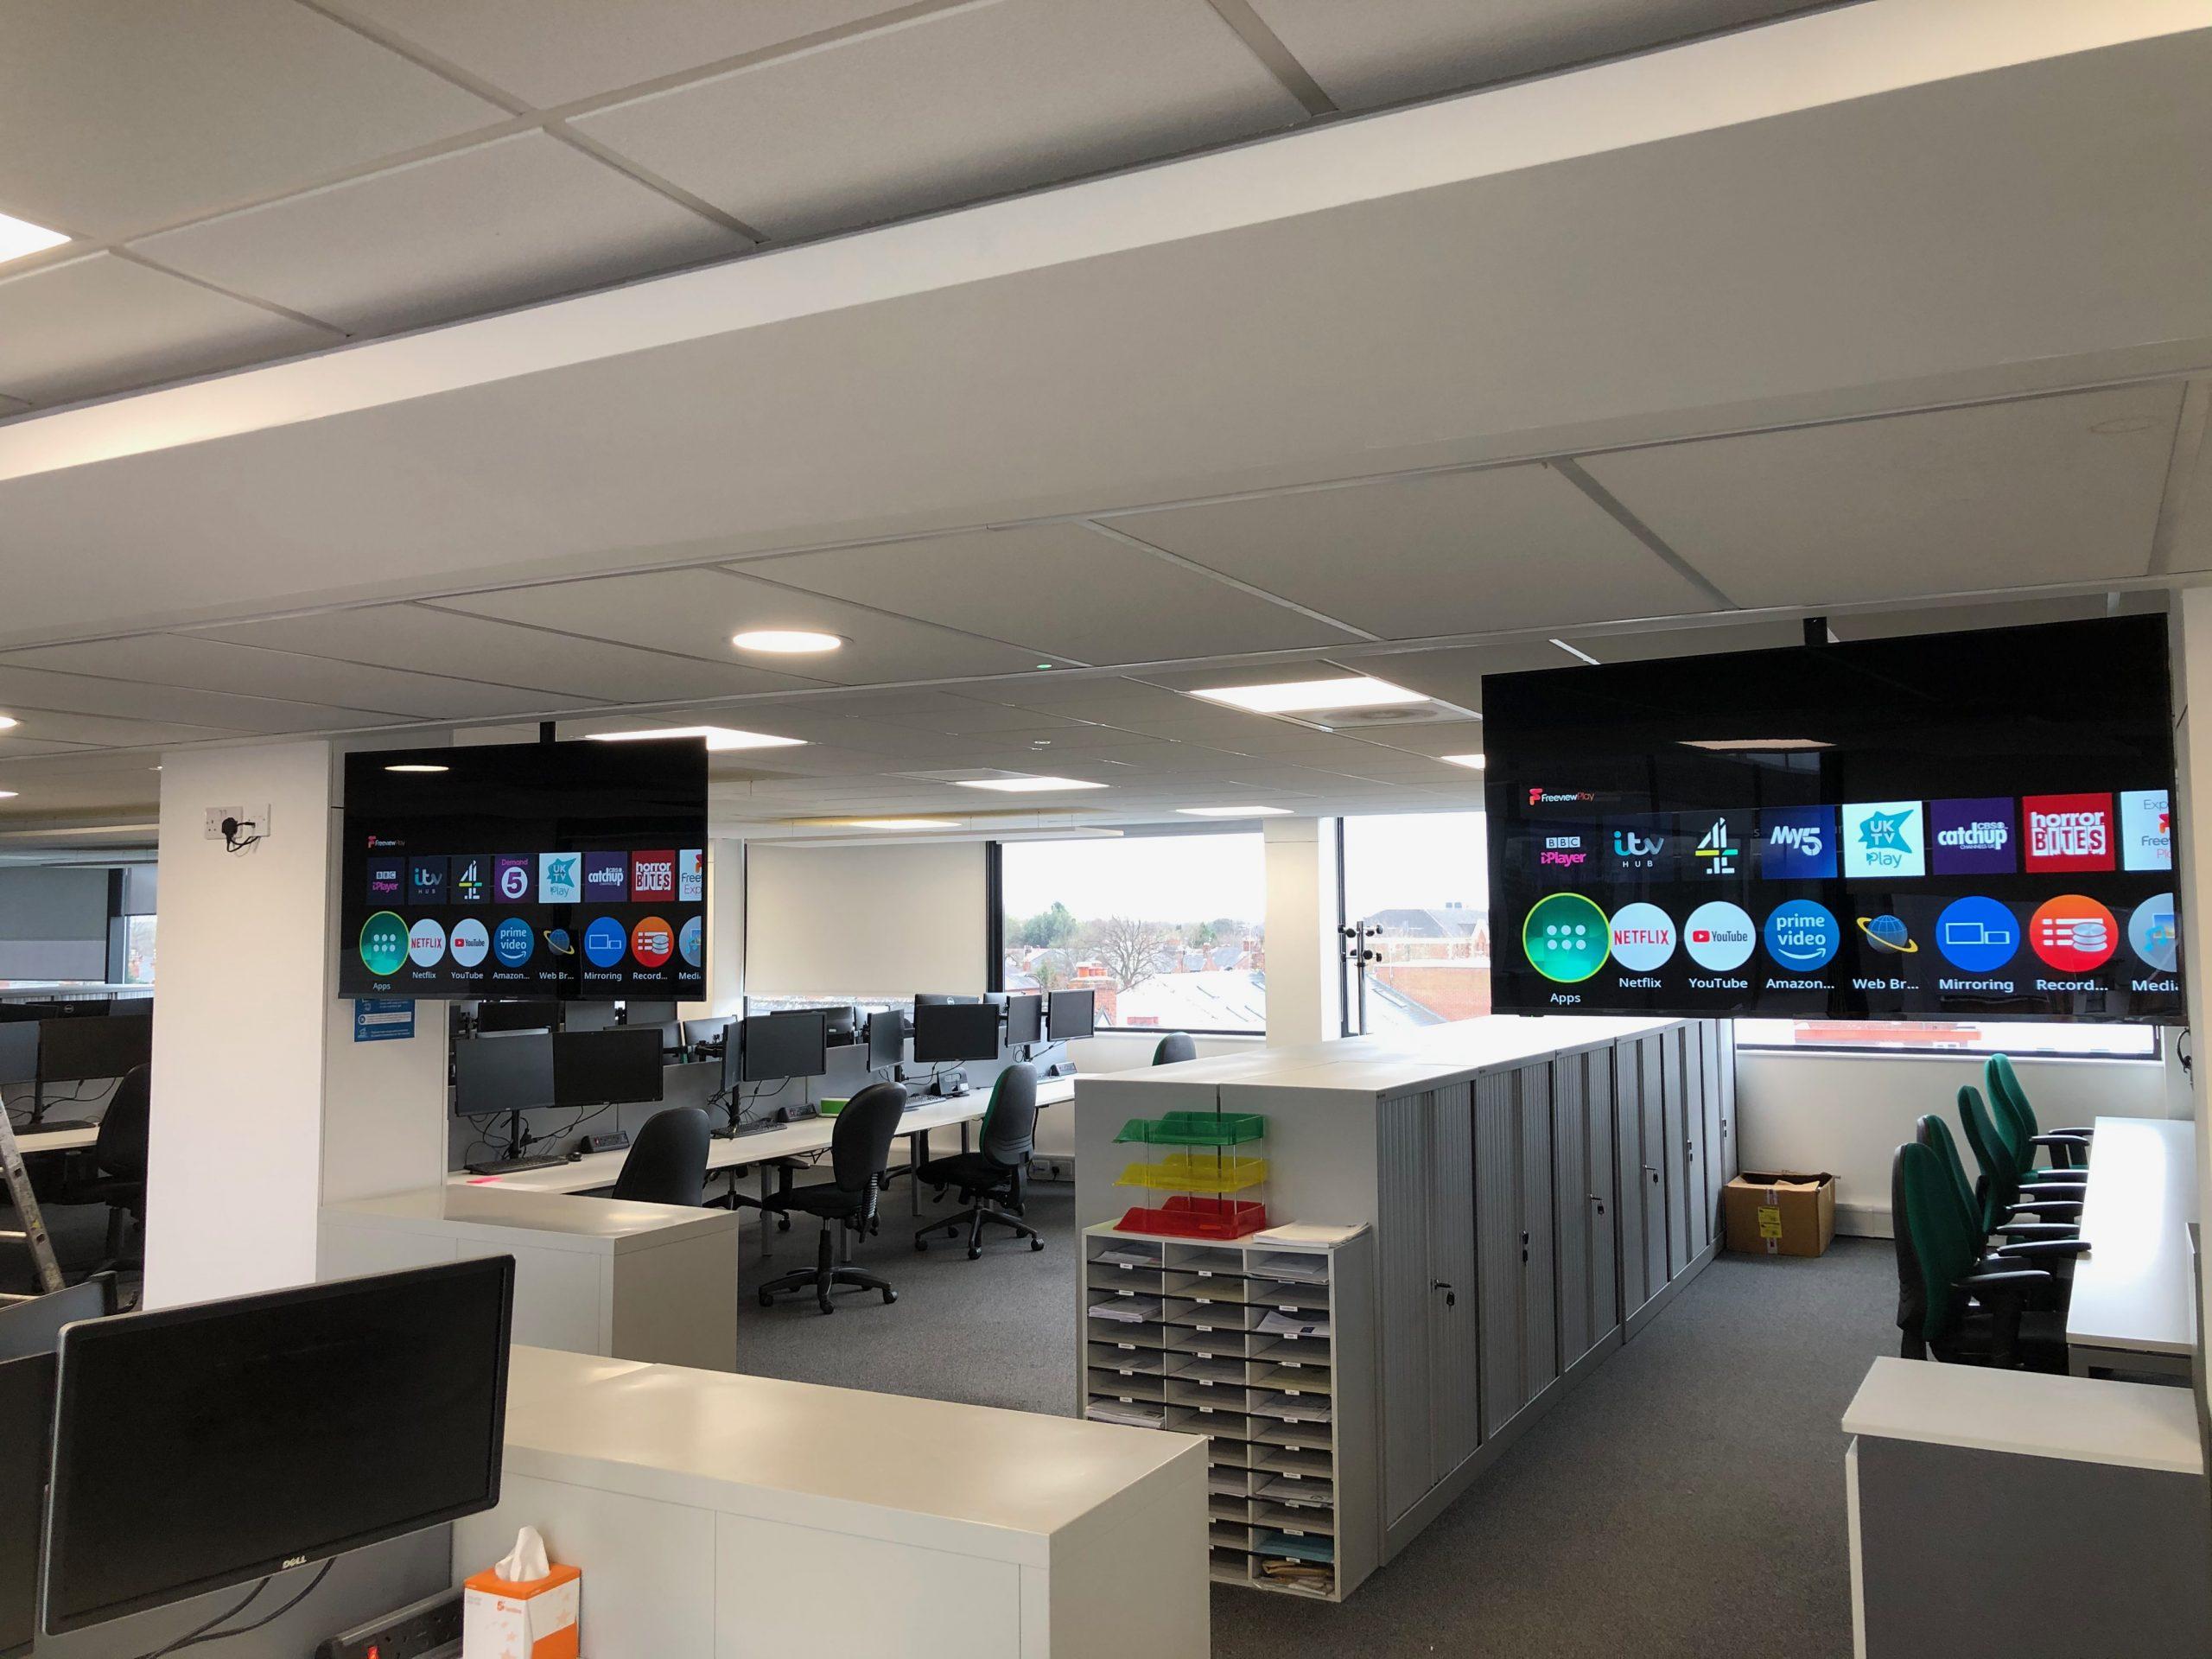 Office AV installation